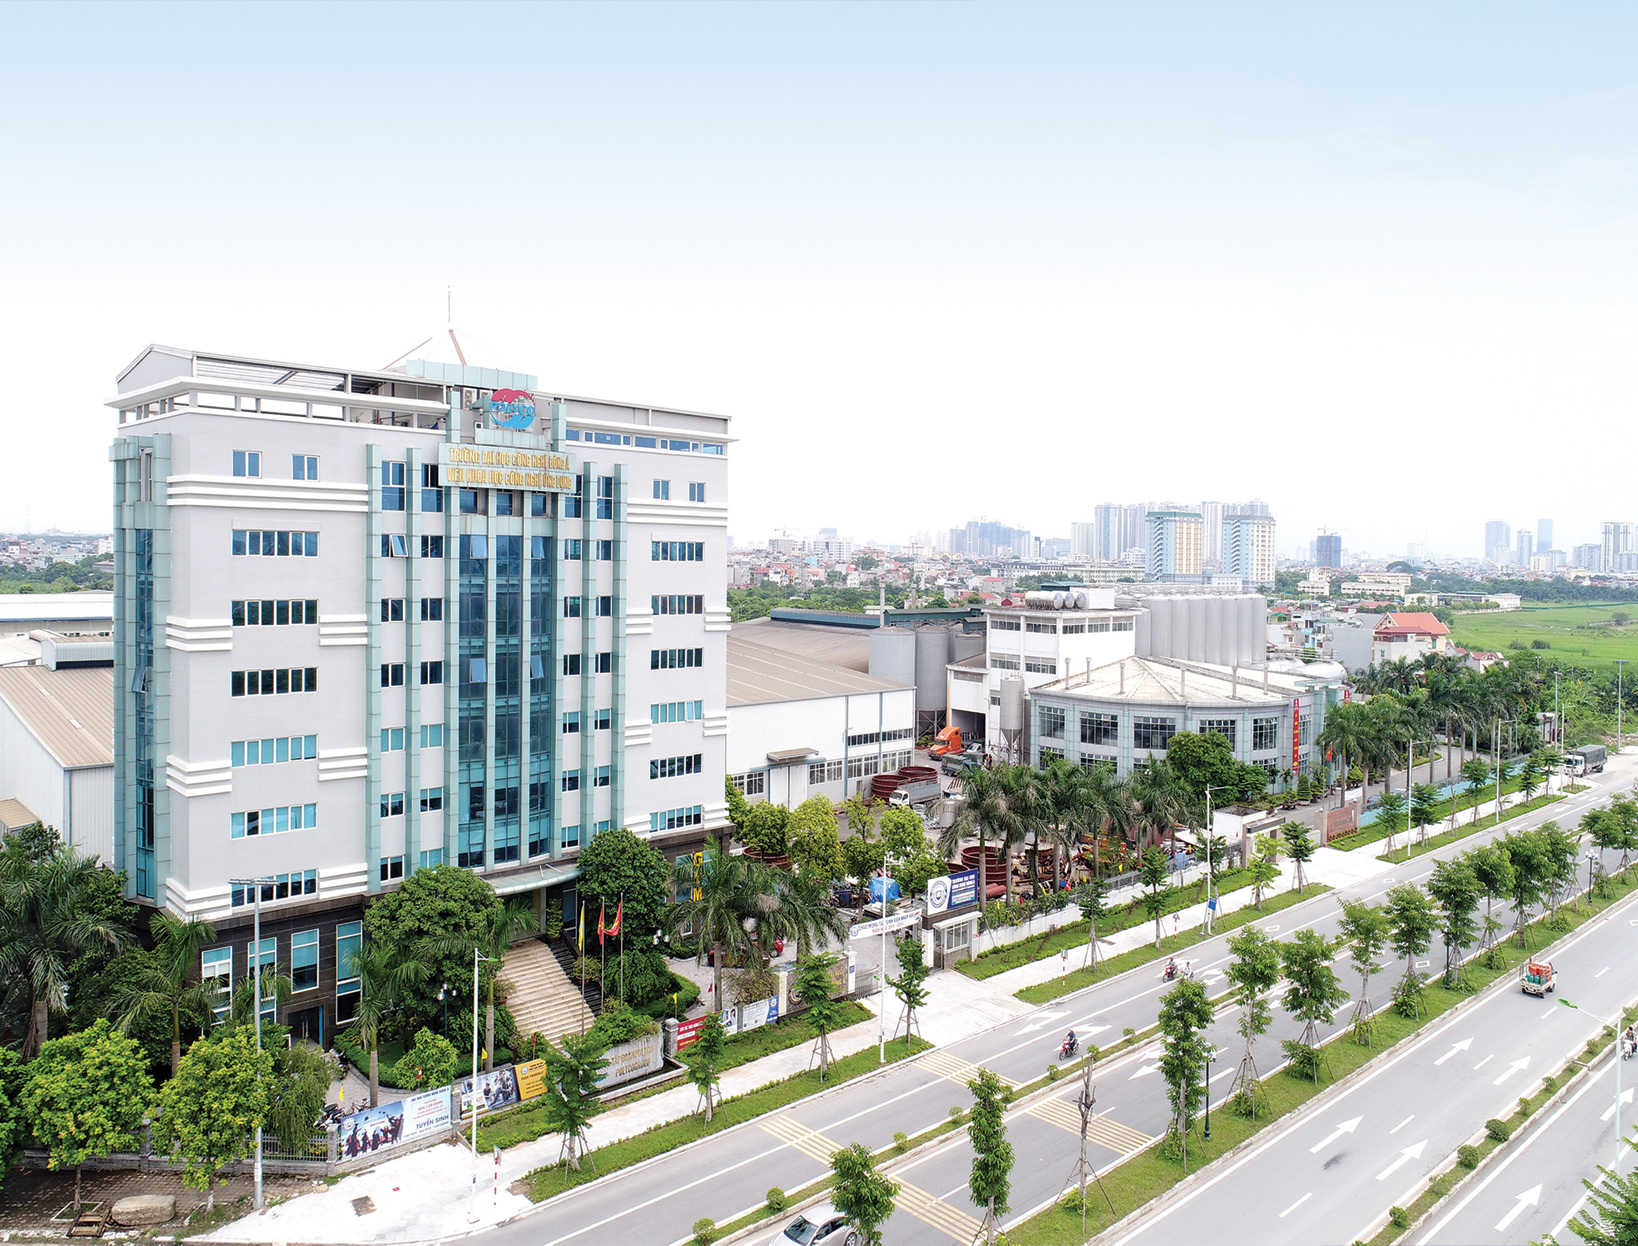 Tuyển sinh đại học 2019, Đại học Công nghệ Đông Á tuyển sinh 1.500 chỉ tiêu cho các ngành đào tạo.